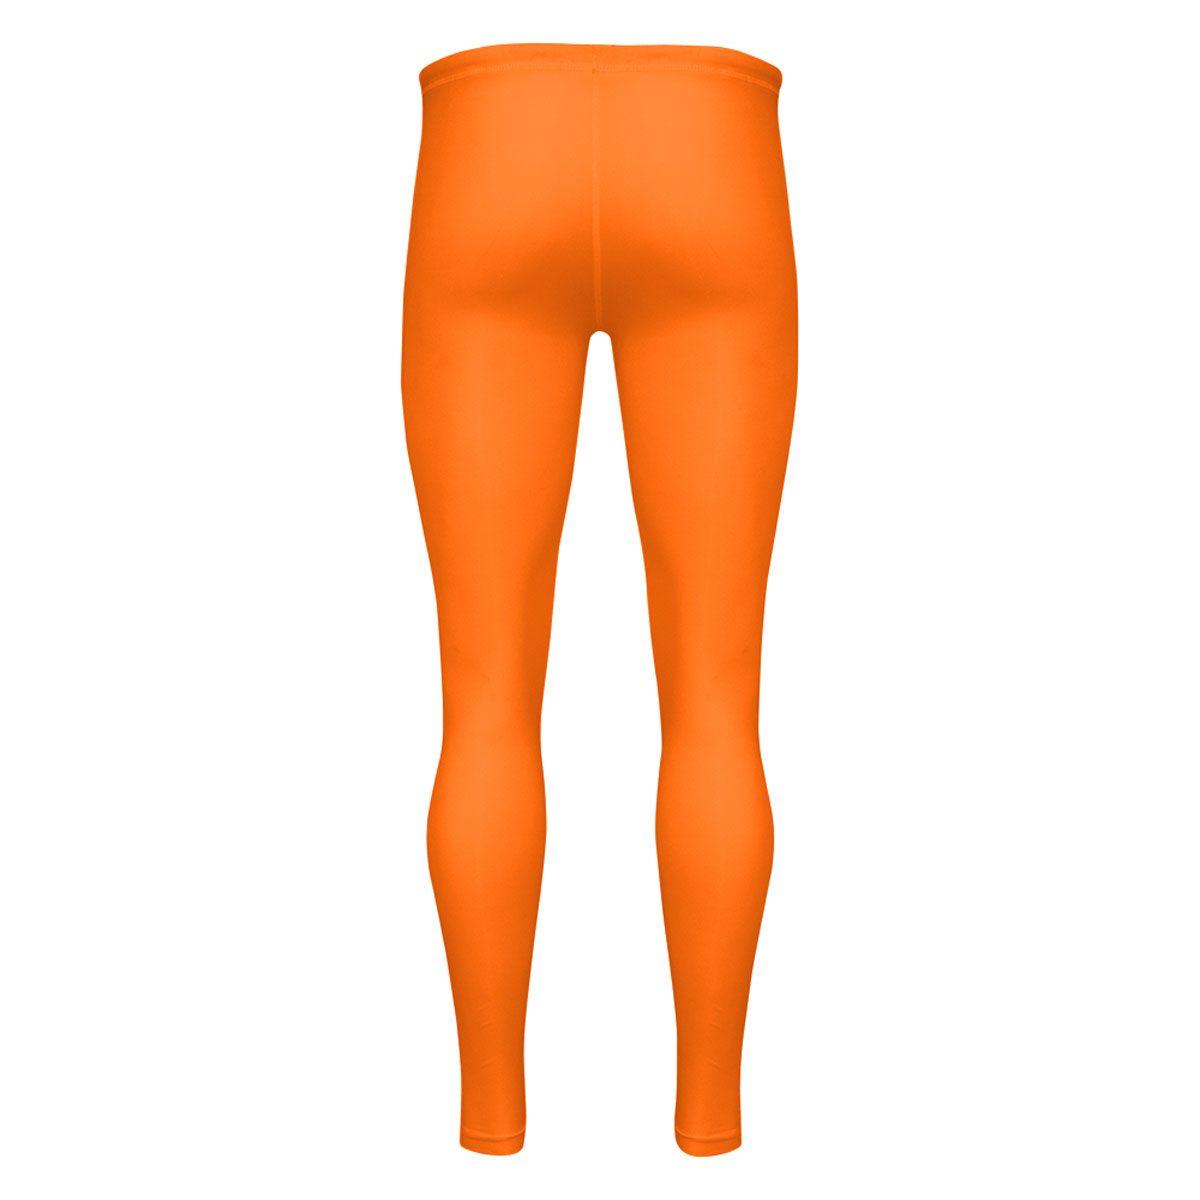 c73ce6973197e Mens Compression Tights - Orange - Blackchrome